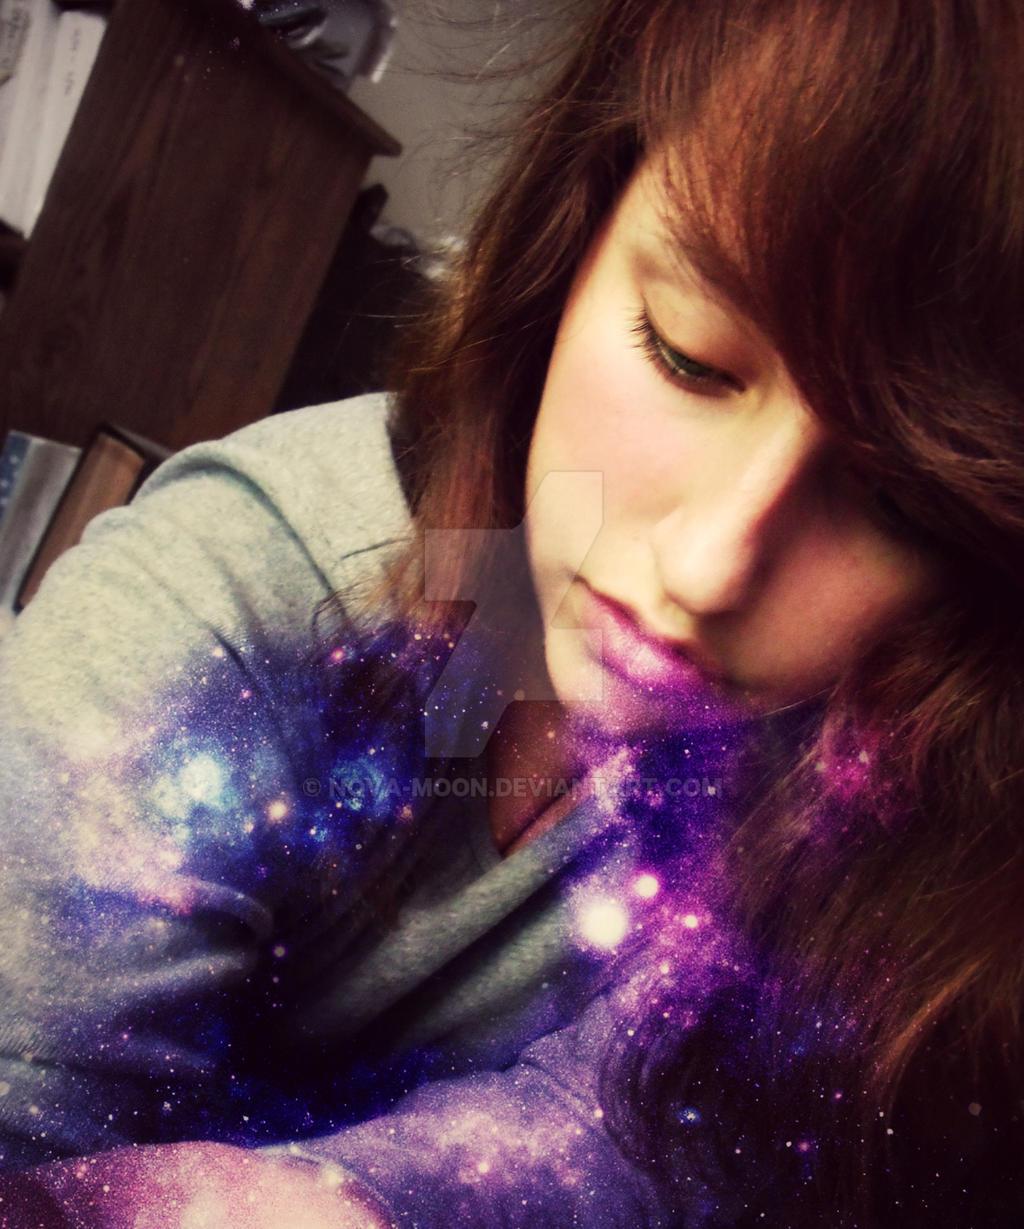 Galaxy breath by Nova-moon